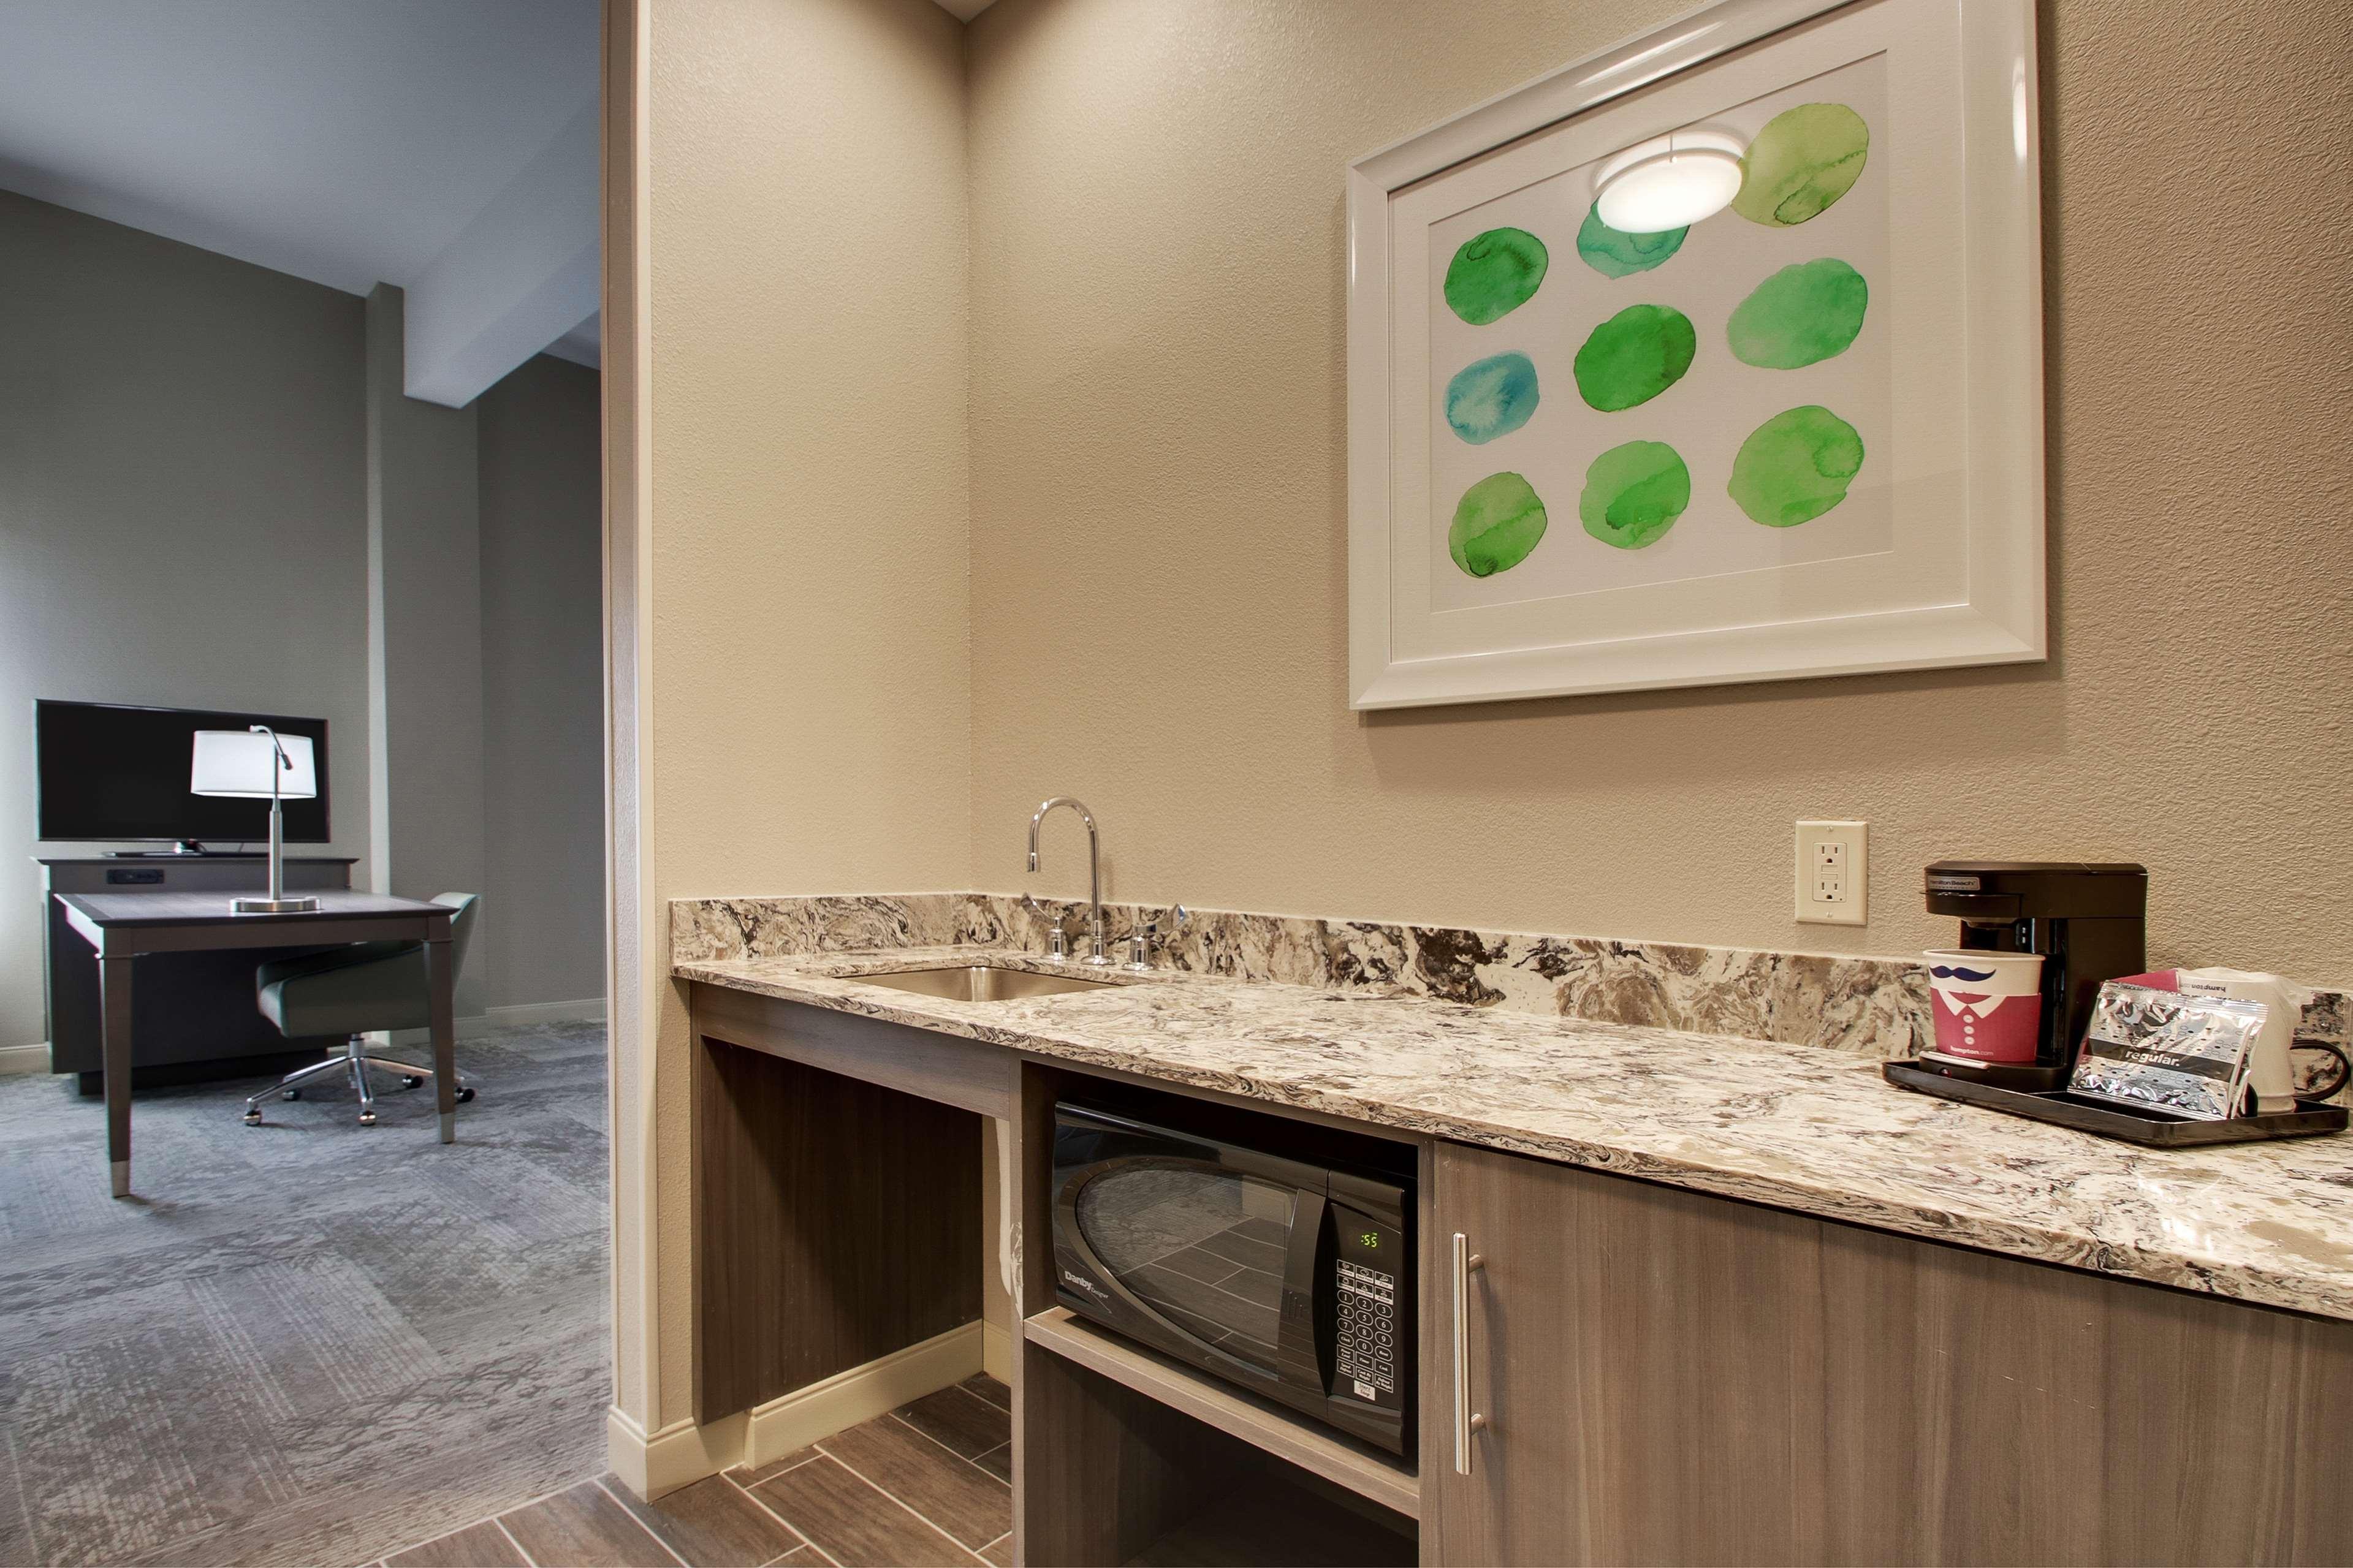 Hampton Inn & Suites Knightdale Raleigh image 28